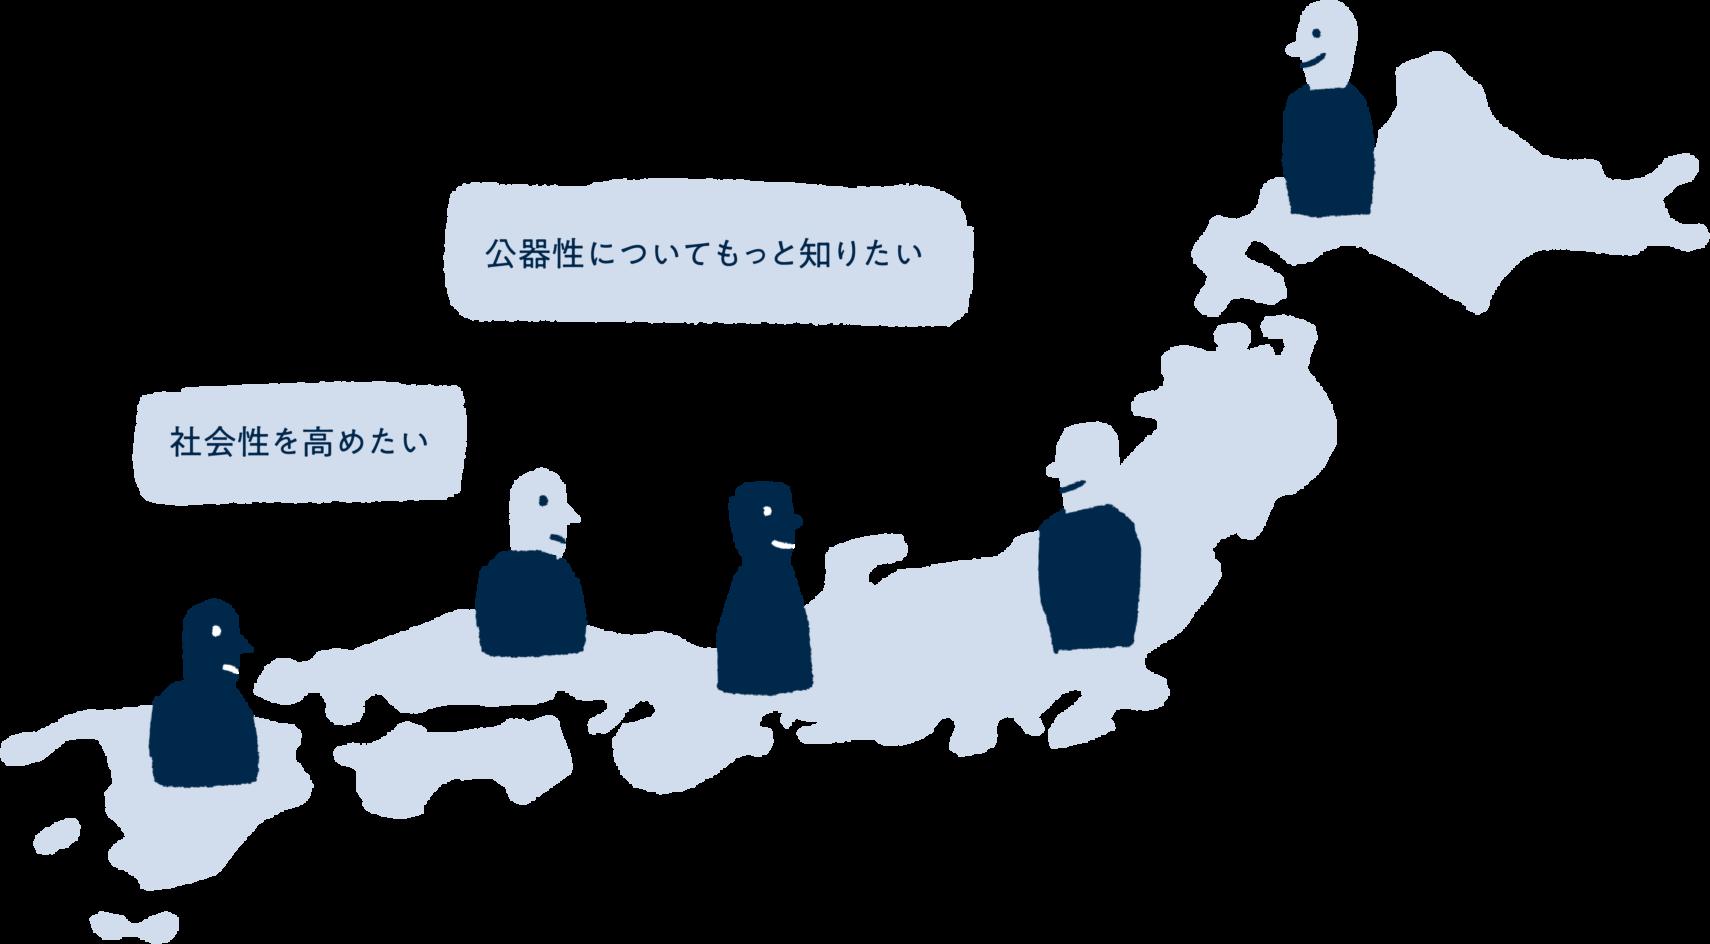 オンラインコミュニティ